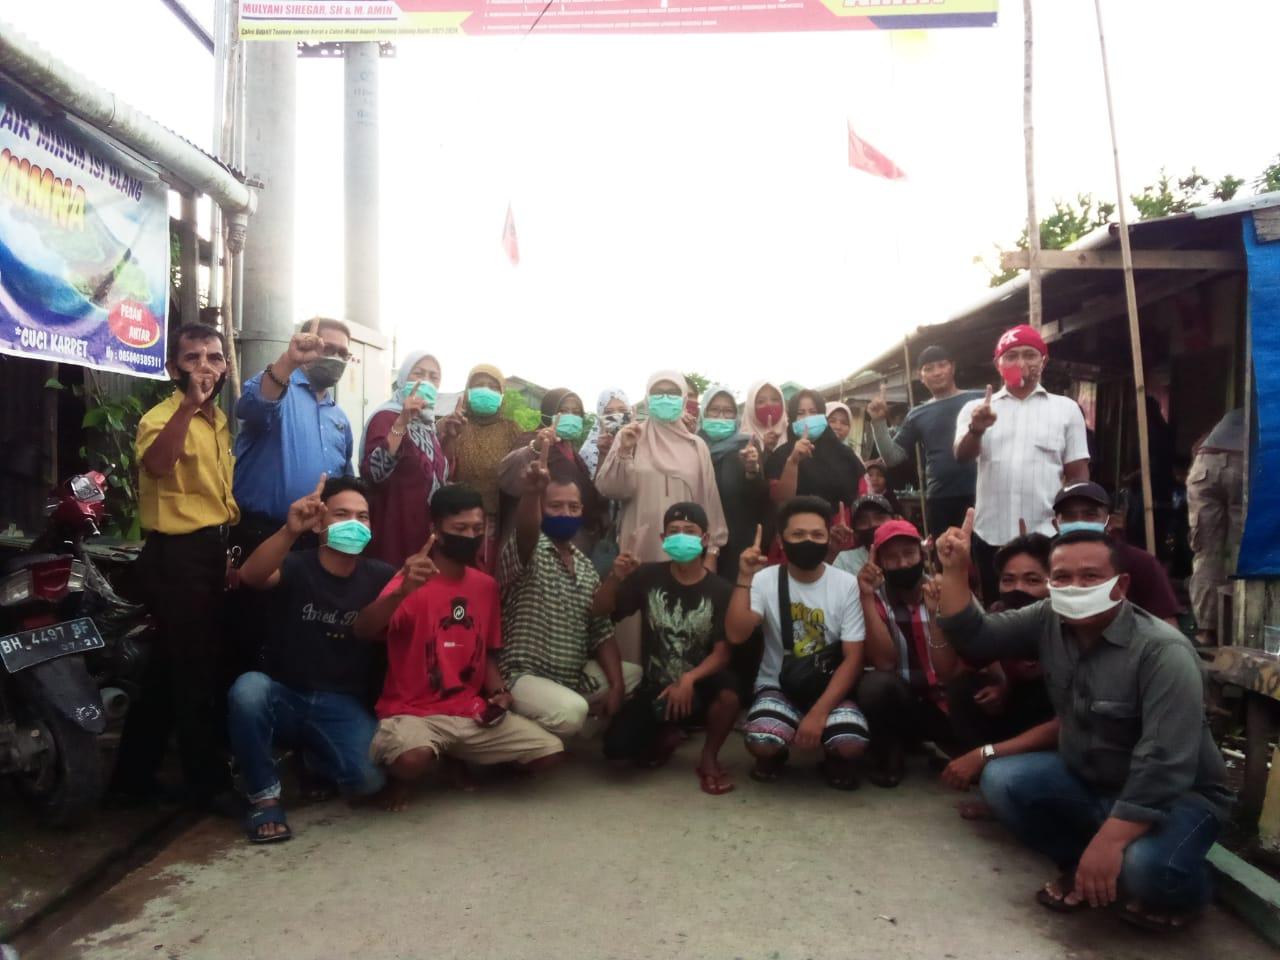 Cici Halimah Pimpin Relawan MULIA Sisir Tungkal Harapan Garap Dukungan Massa